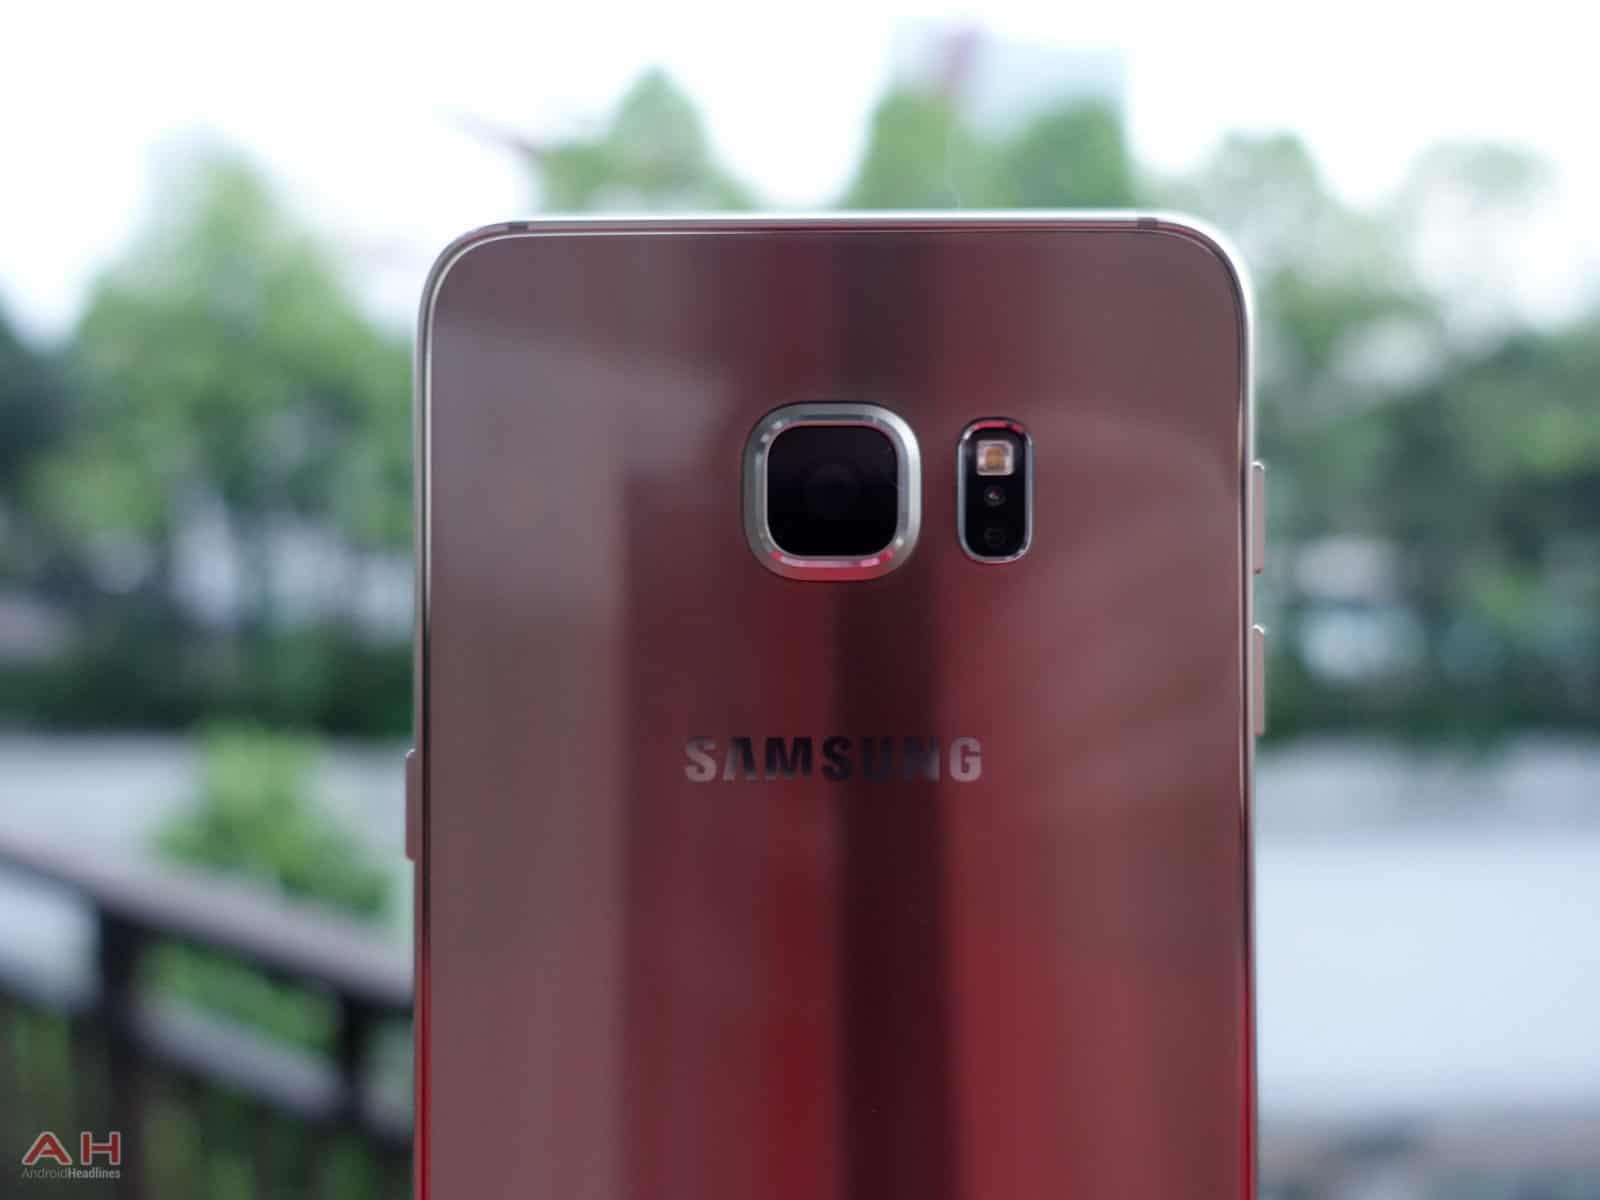 Samsung-Galaxy-S6-Edge-Plus-AH-12